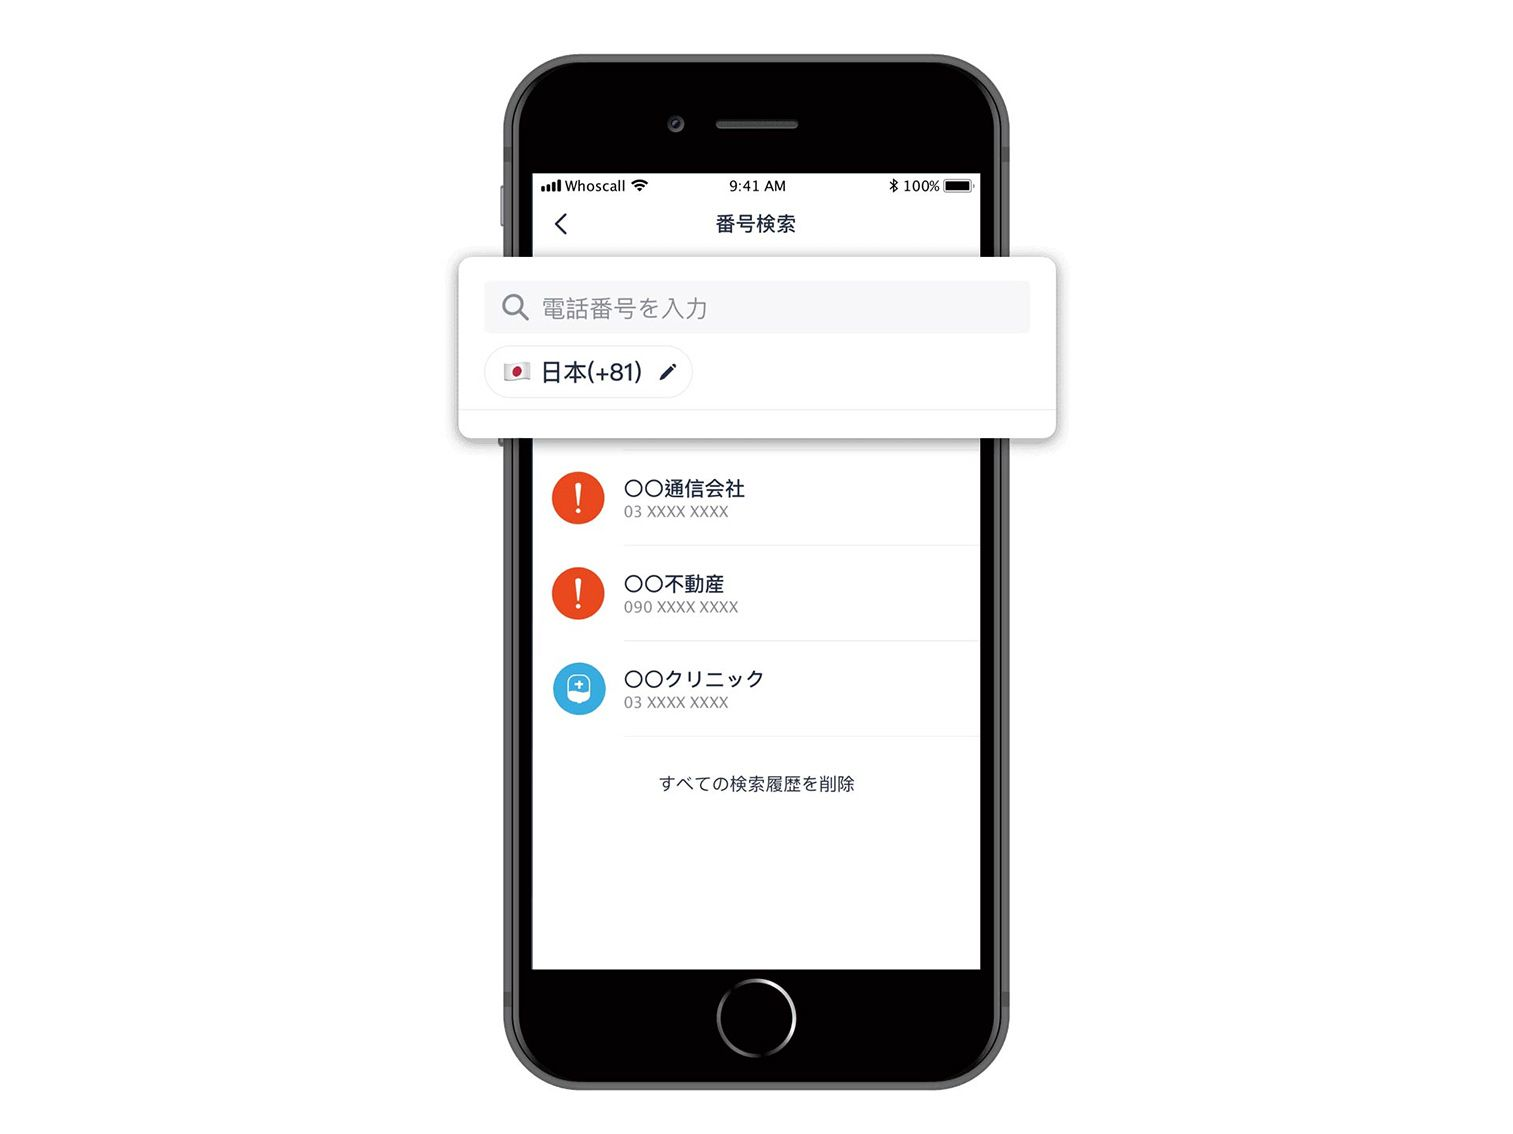 Whoscallの番号検索機能を使って電話番号を効率よく検索できる